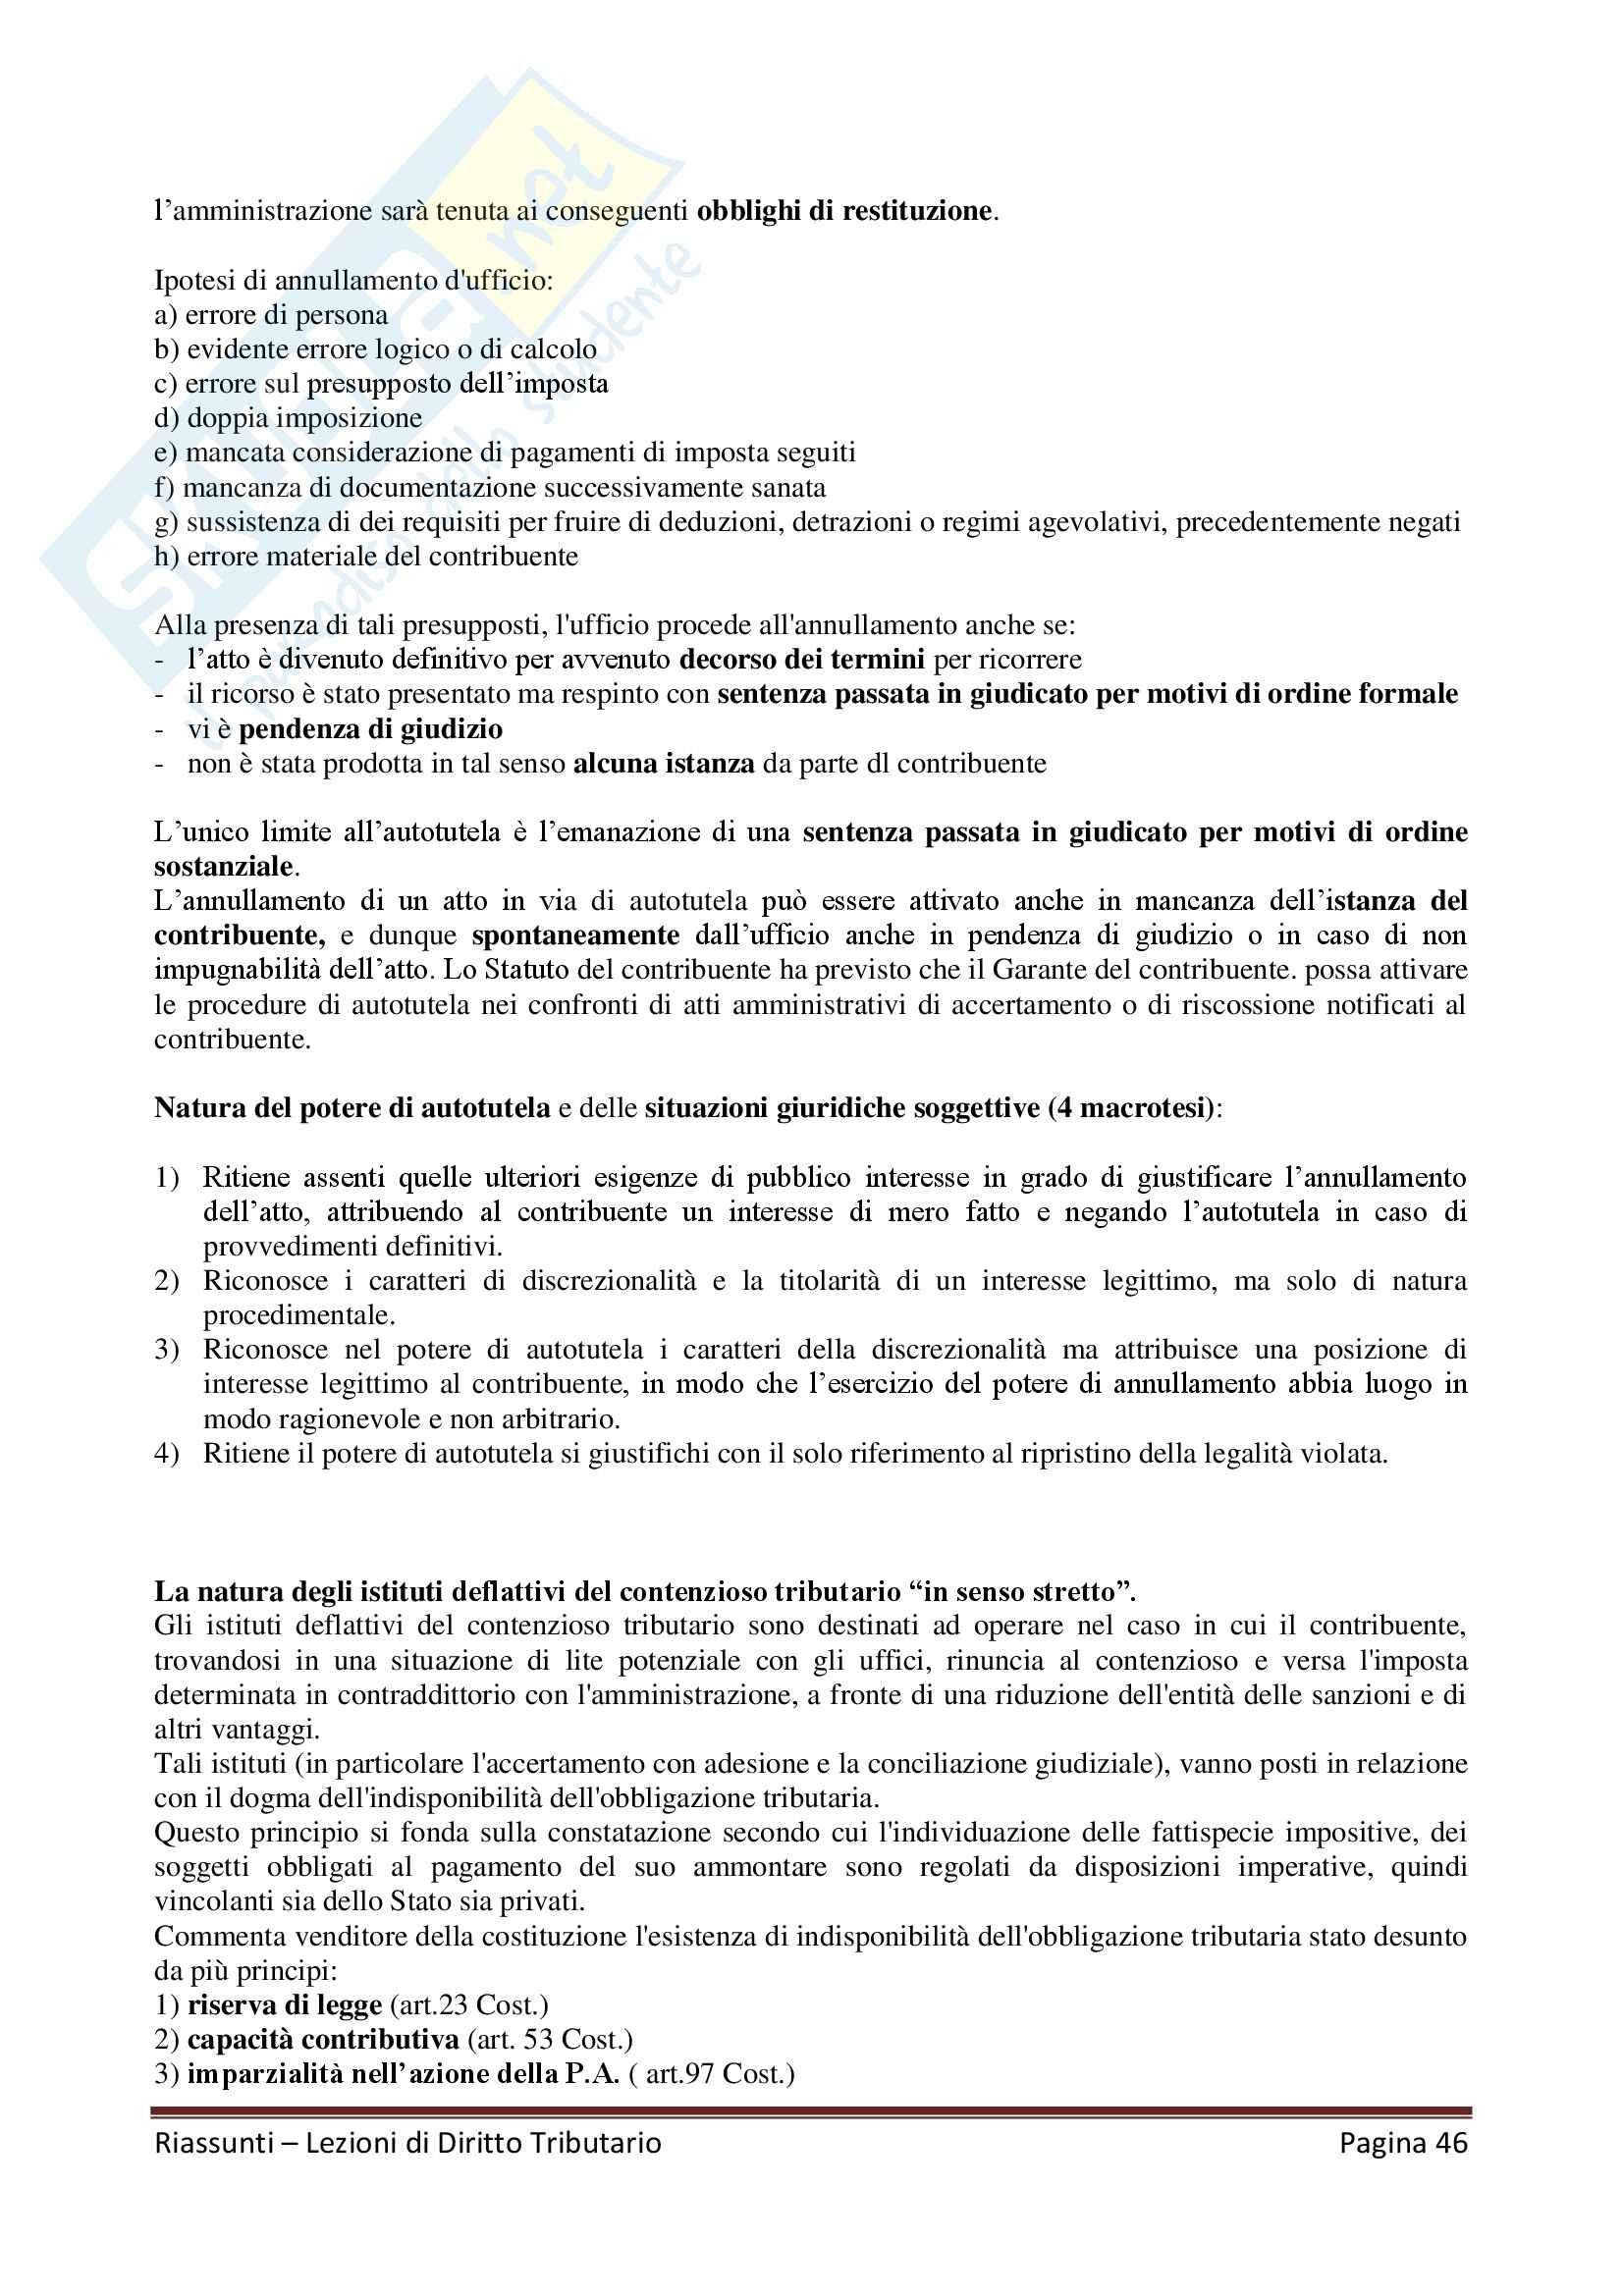 """Riassunto esame Diritto Tributario, Docente G. Melis, libro consigliato """"Lezioni di diritto tributario"""" di G. Melis Pag. 46"""